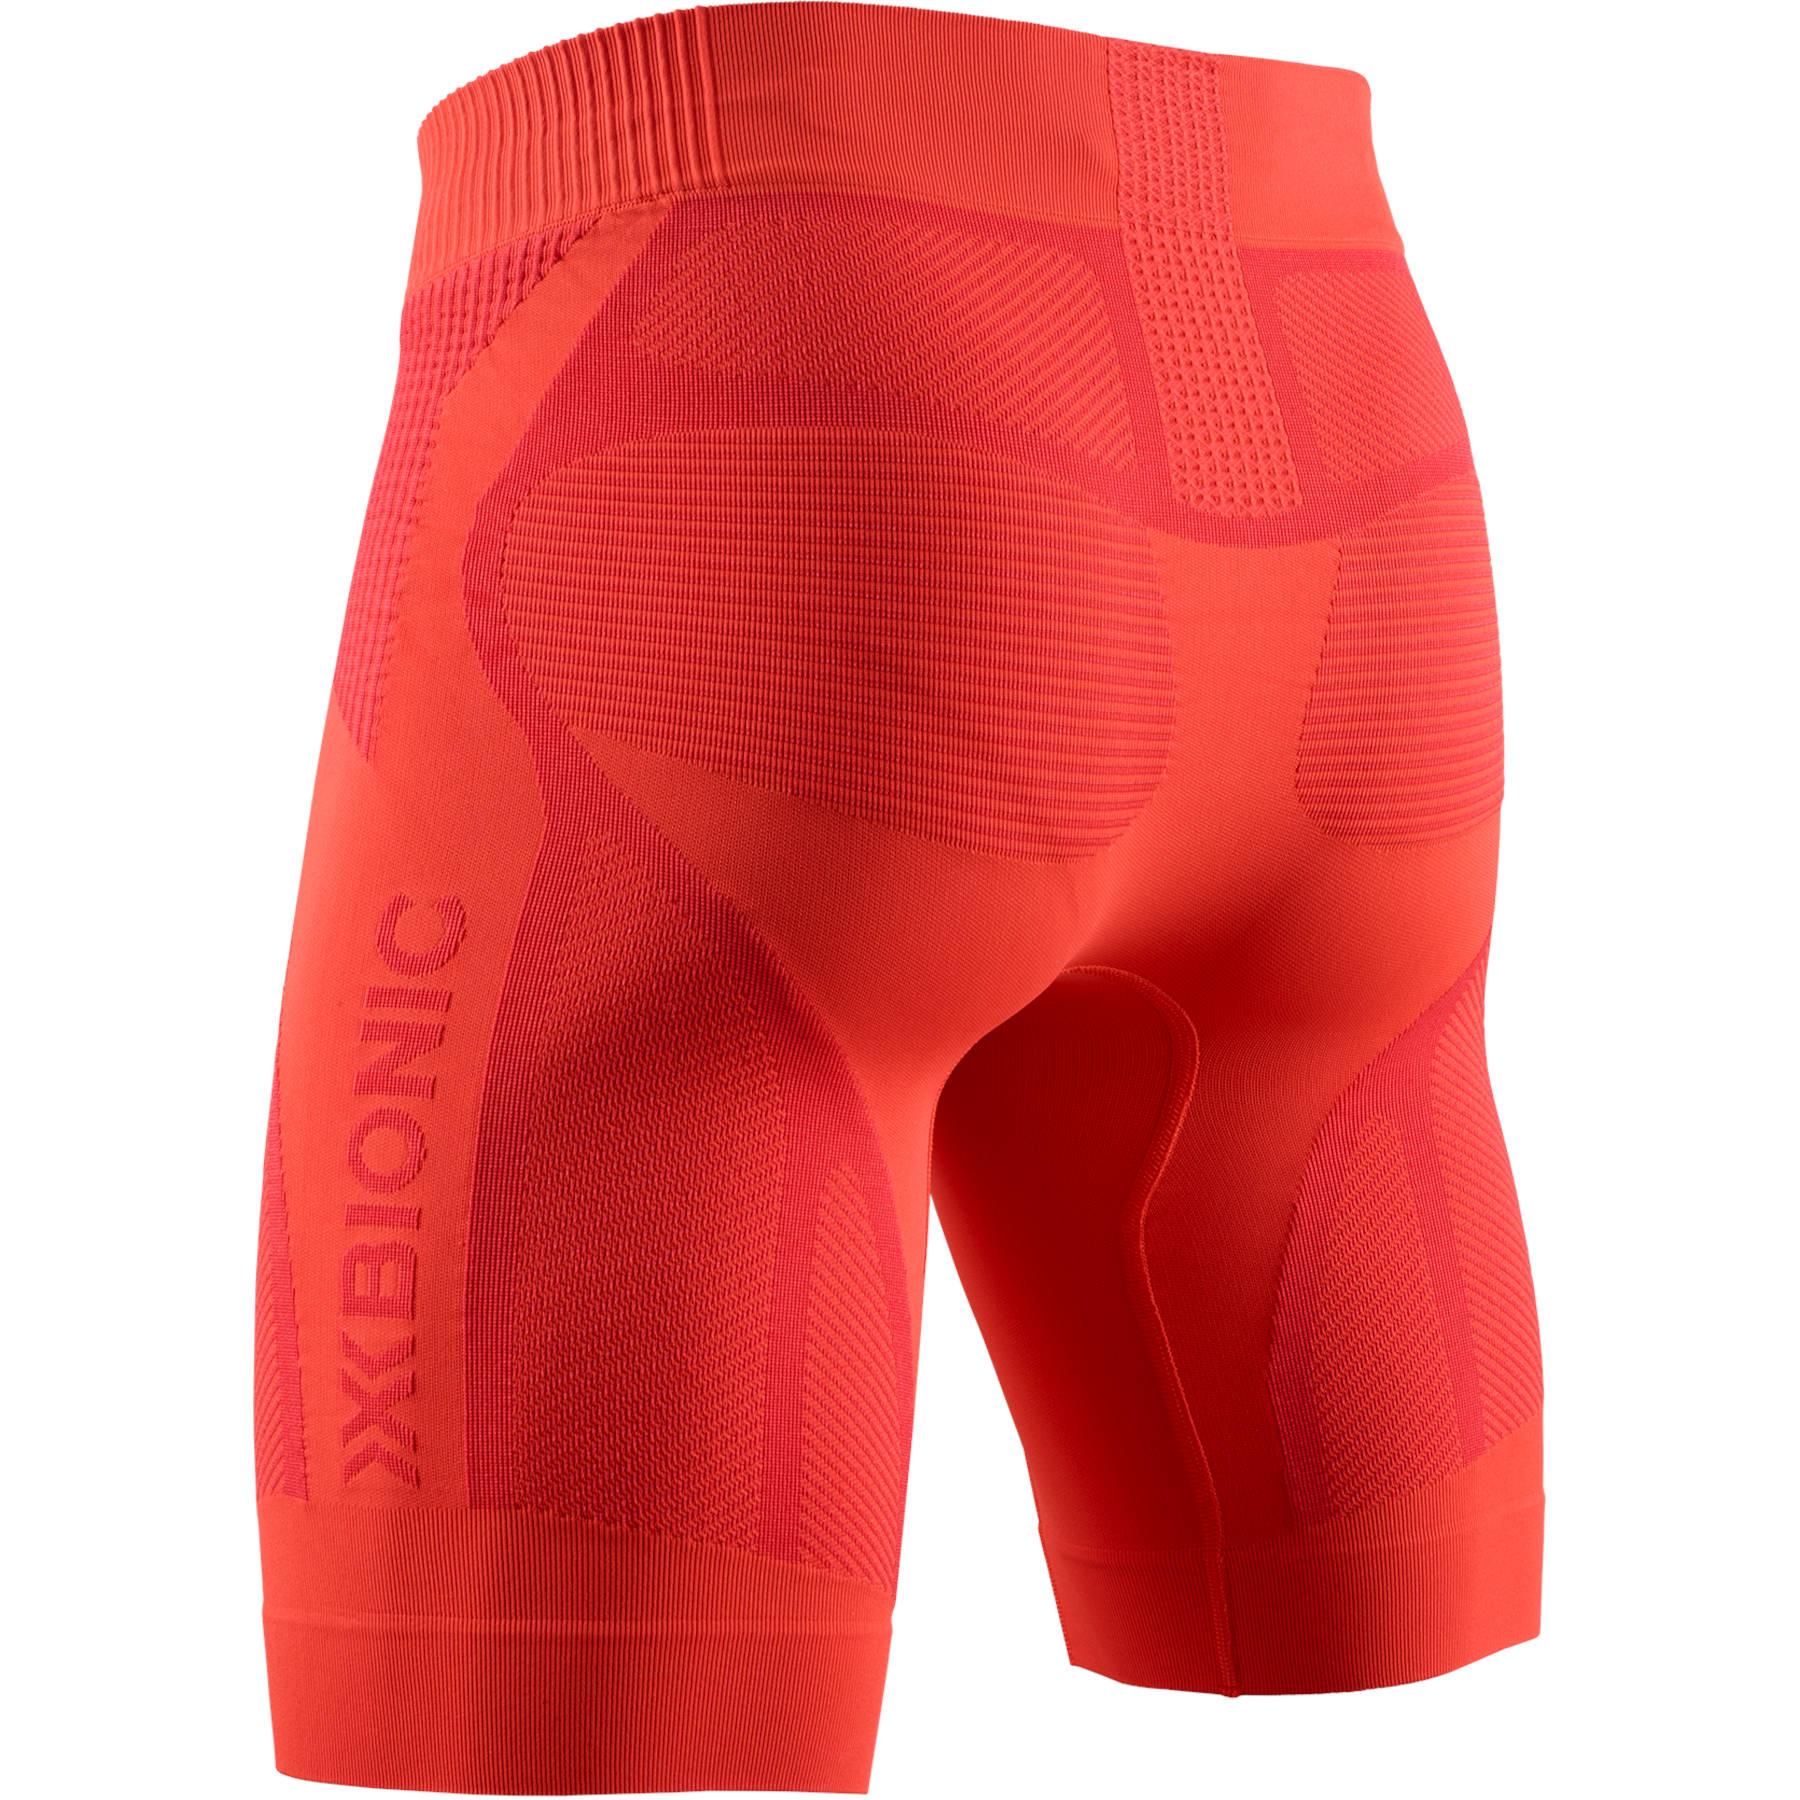 Bild von X-Bionic The Trick G2 4.0 Run Shorts Laufhose für Herren - namib red/sunset orange